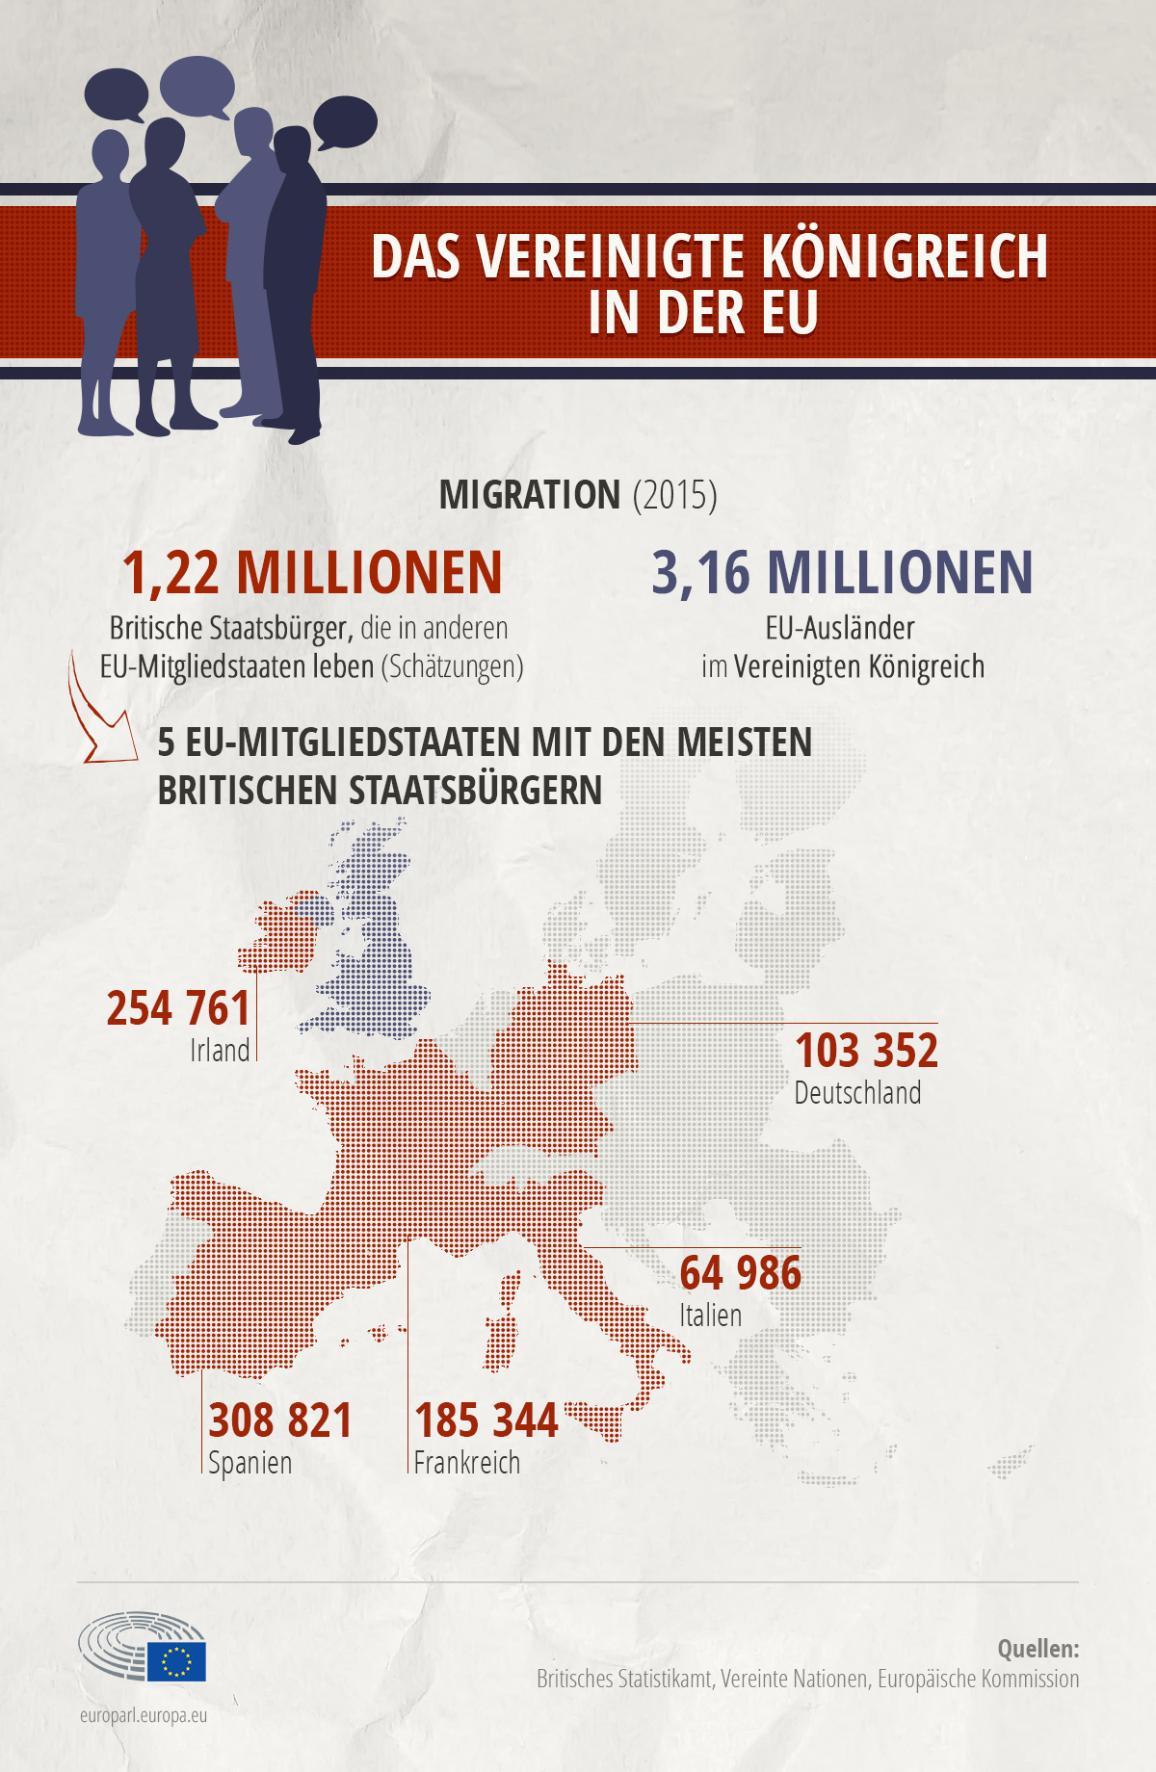 Die Infografik zeigt die Zahl der EU-Bürger im Vereinigten Königreich und der Briten in der EU